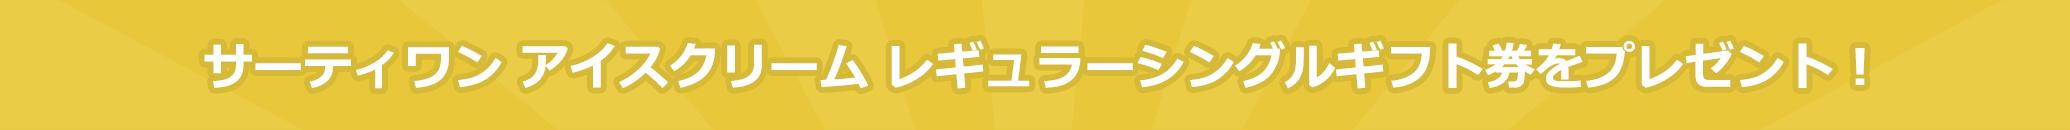 サーティワン アイスクリーム レギュラーシングルギフト券をプレゼント!